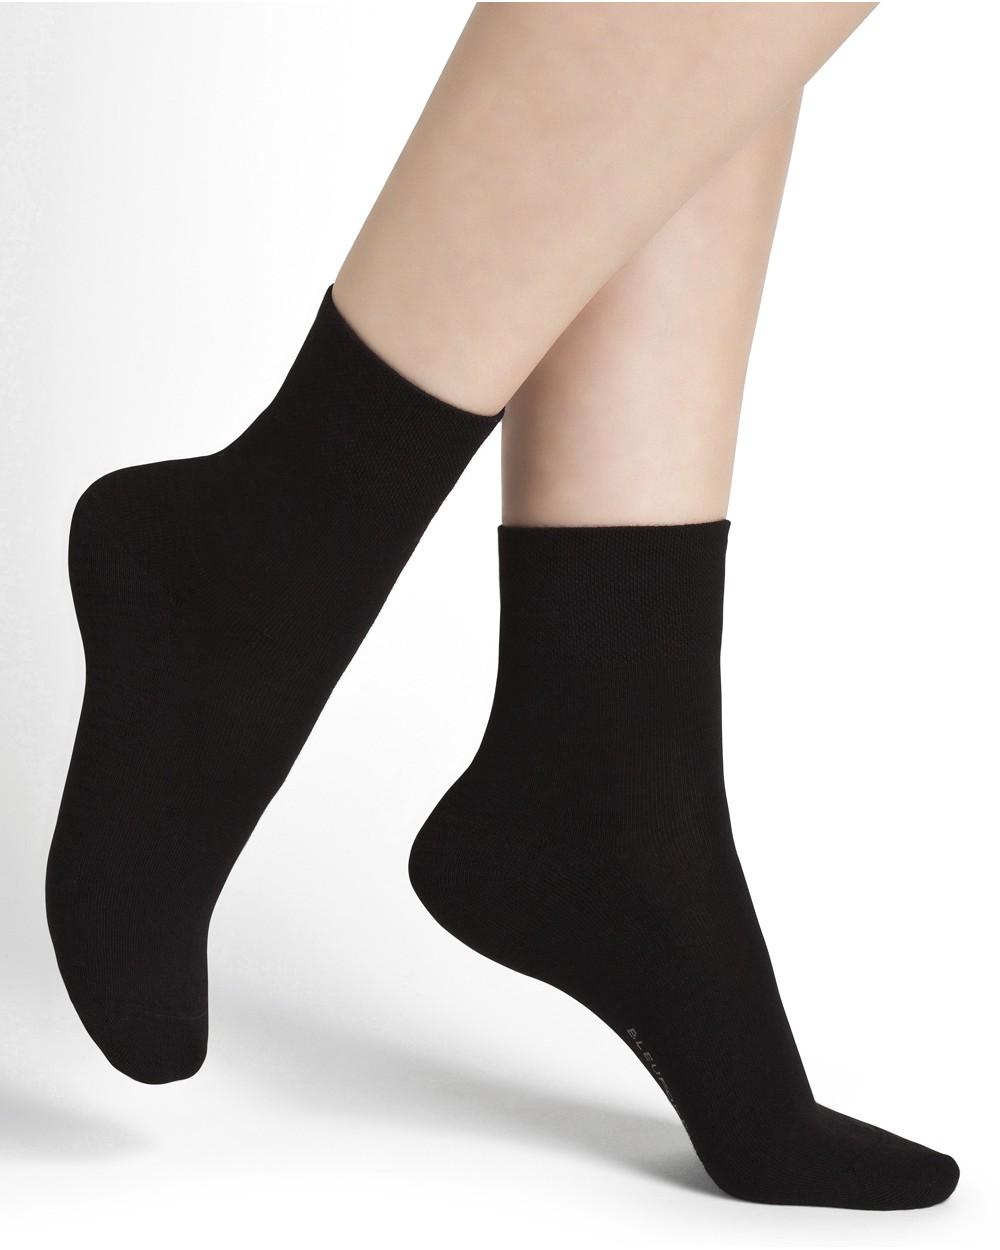 Chaussettes courtes sport confort